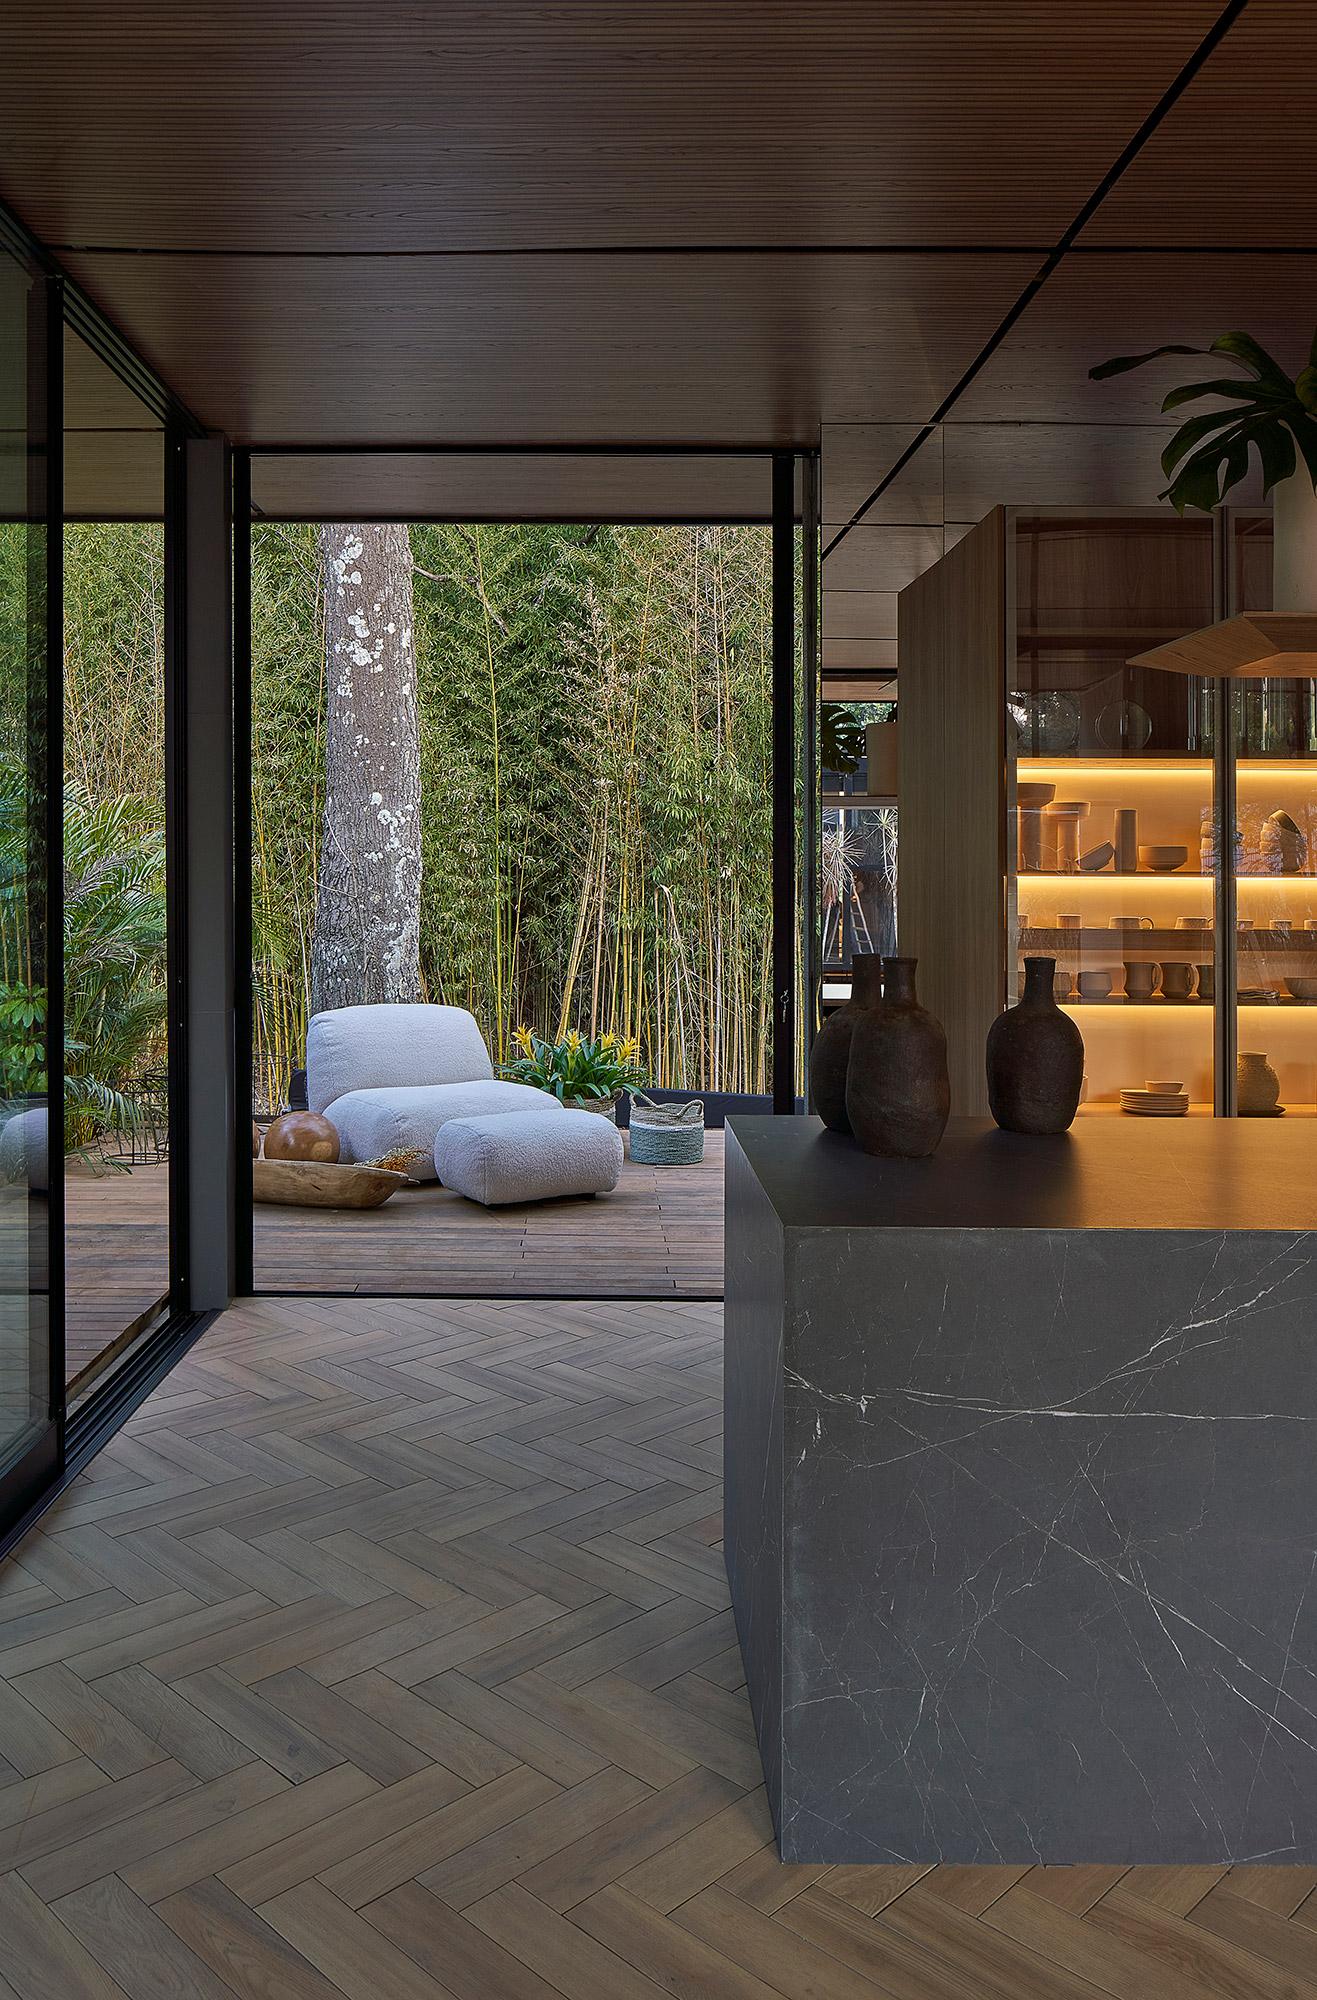 Gourmet dos Sentidos Deca Sérgio Vianna CASACOR Minas Gerais 2021 deca madeira casa decoração design